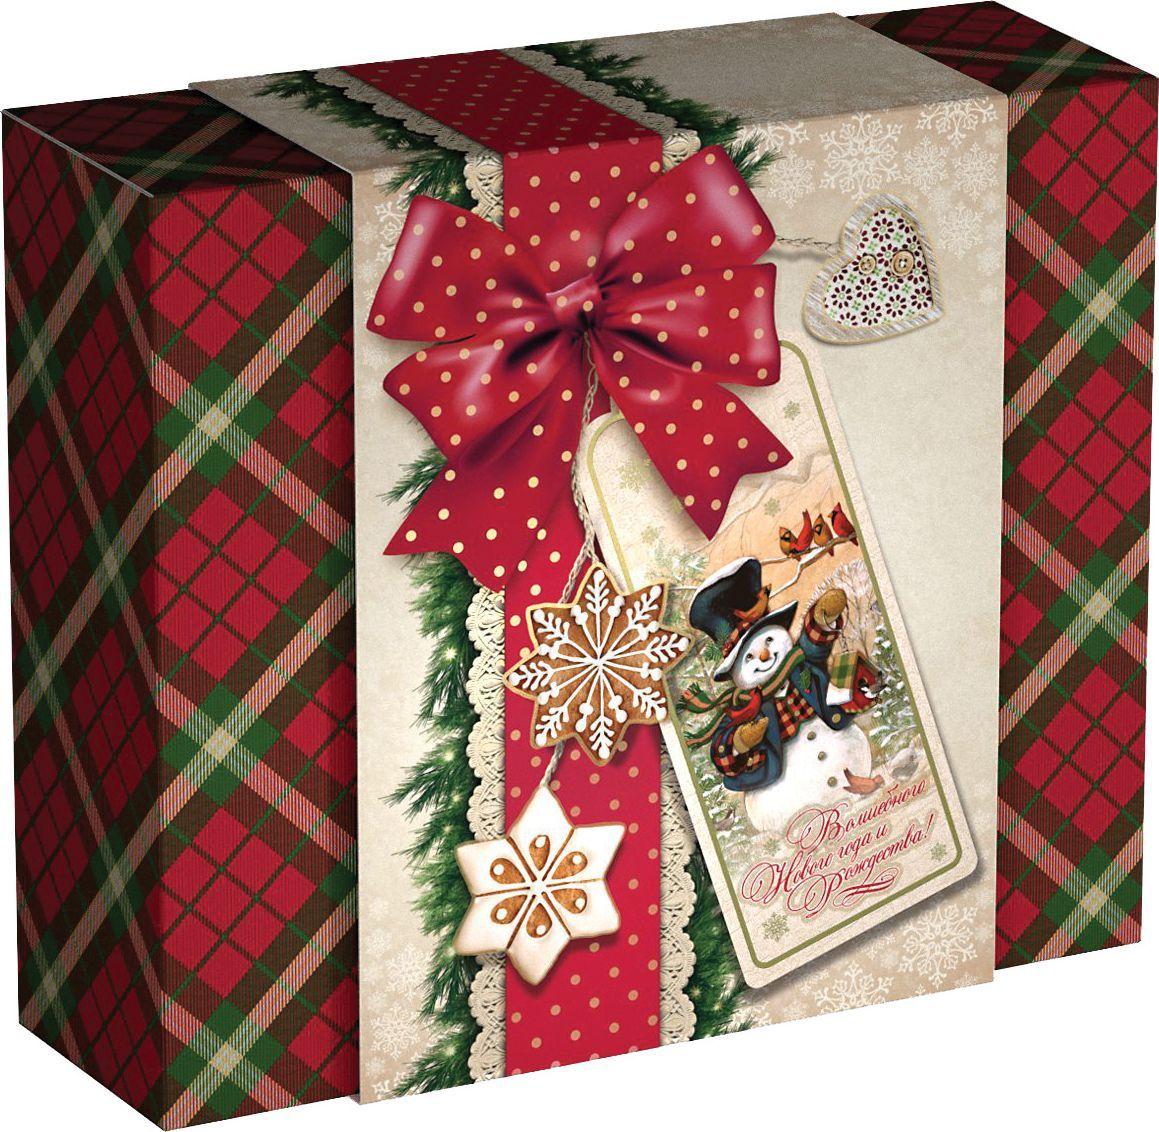 Сладкий новогодний подарок Волшебного Нового года, 400 г1560Новогодние подарки в картонной упаковке считаются самыми популярными для поздравления детей в детских садах и школах, и с каждым годом остаются лидерами продаж. Сладкий Новогодний подарок  Волшебного Нового Года  400 гр. очарует любого малыша своей